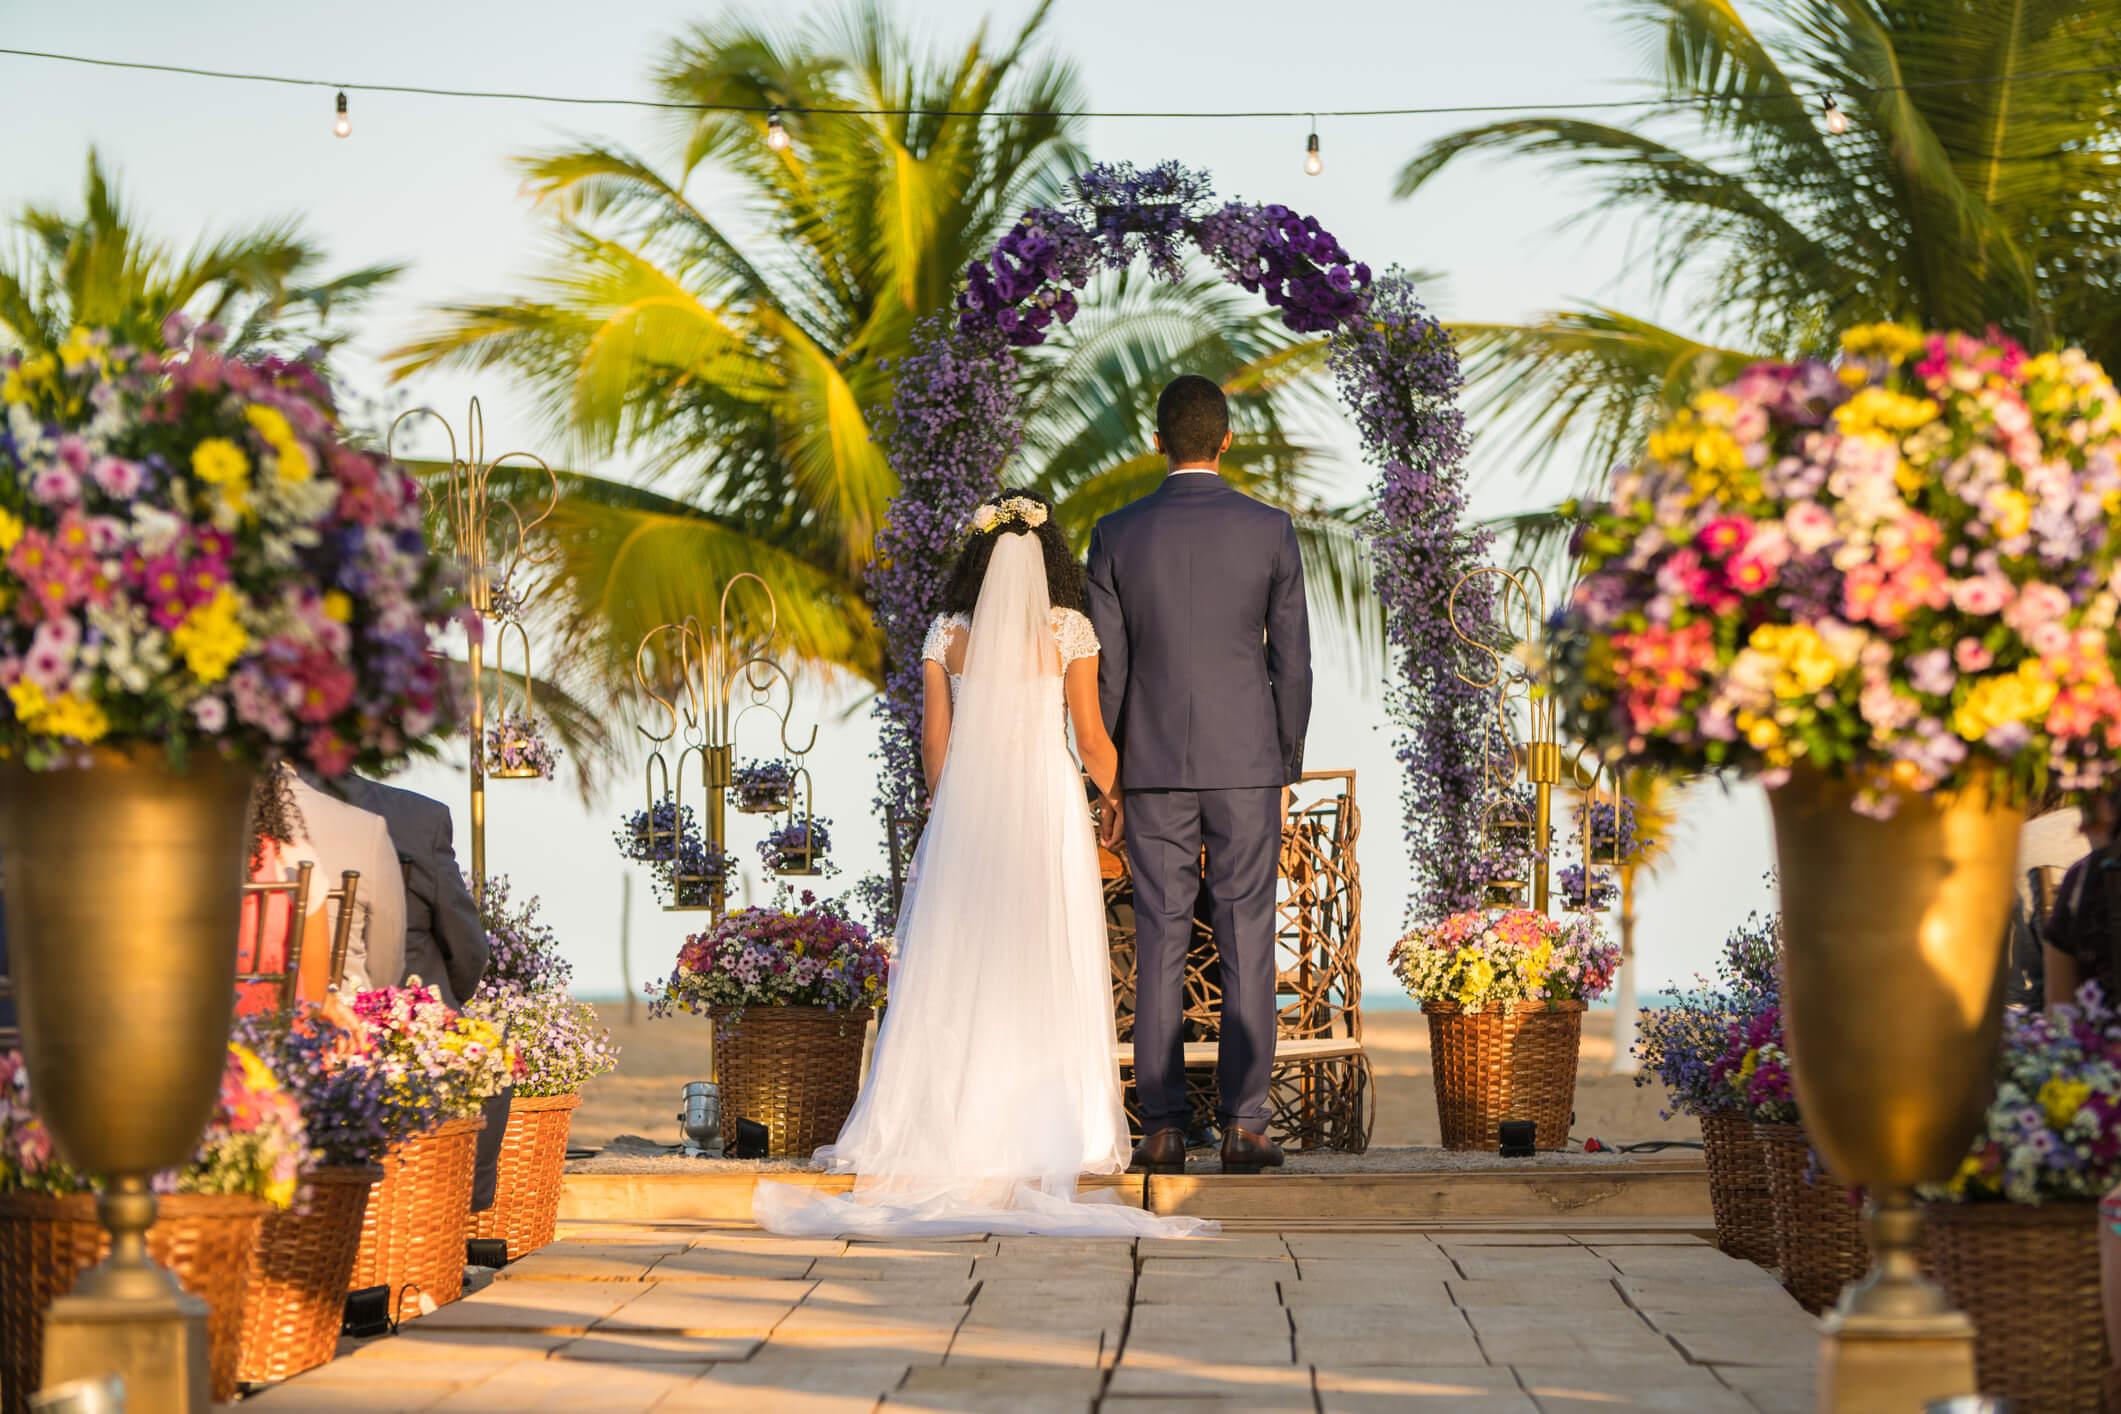 Veja 4 dicas essenciais para o seu casamento na praia ser incrível